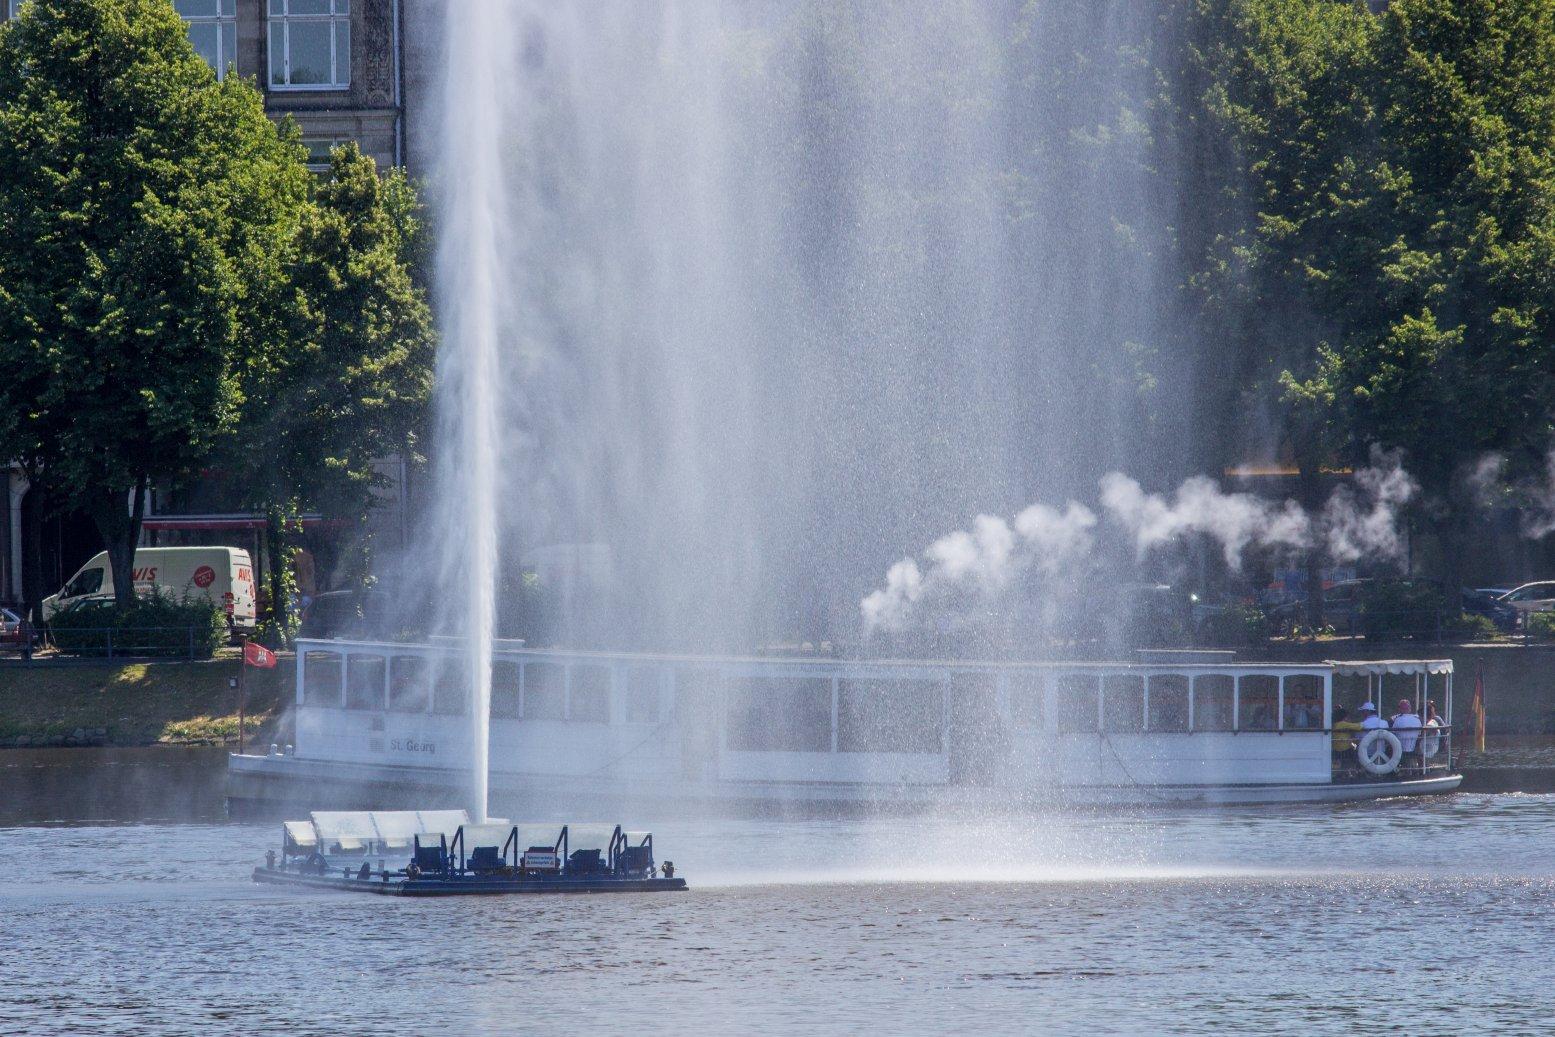 Die Alsterfontäne und das Dampfschiff